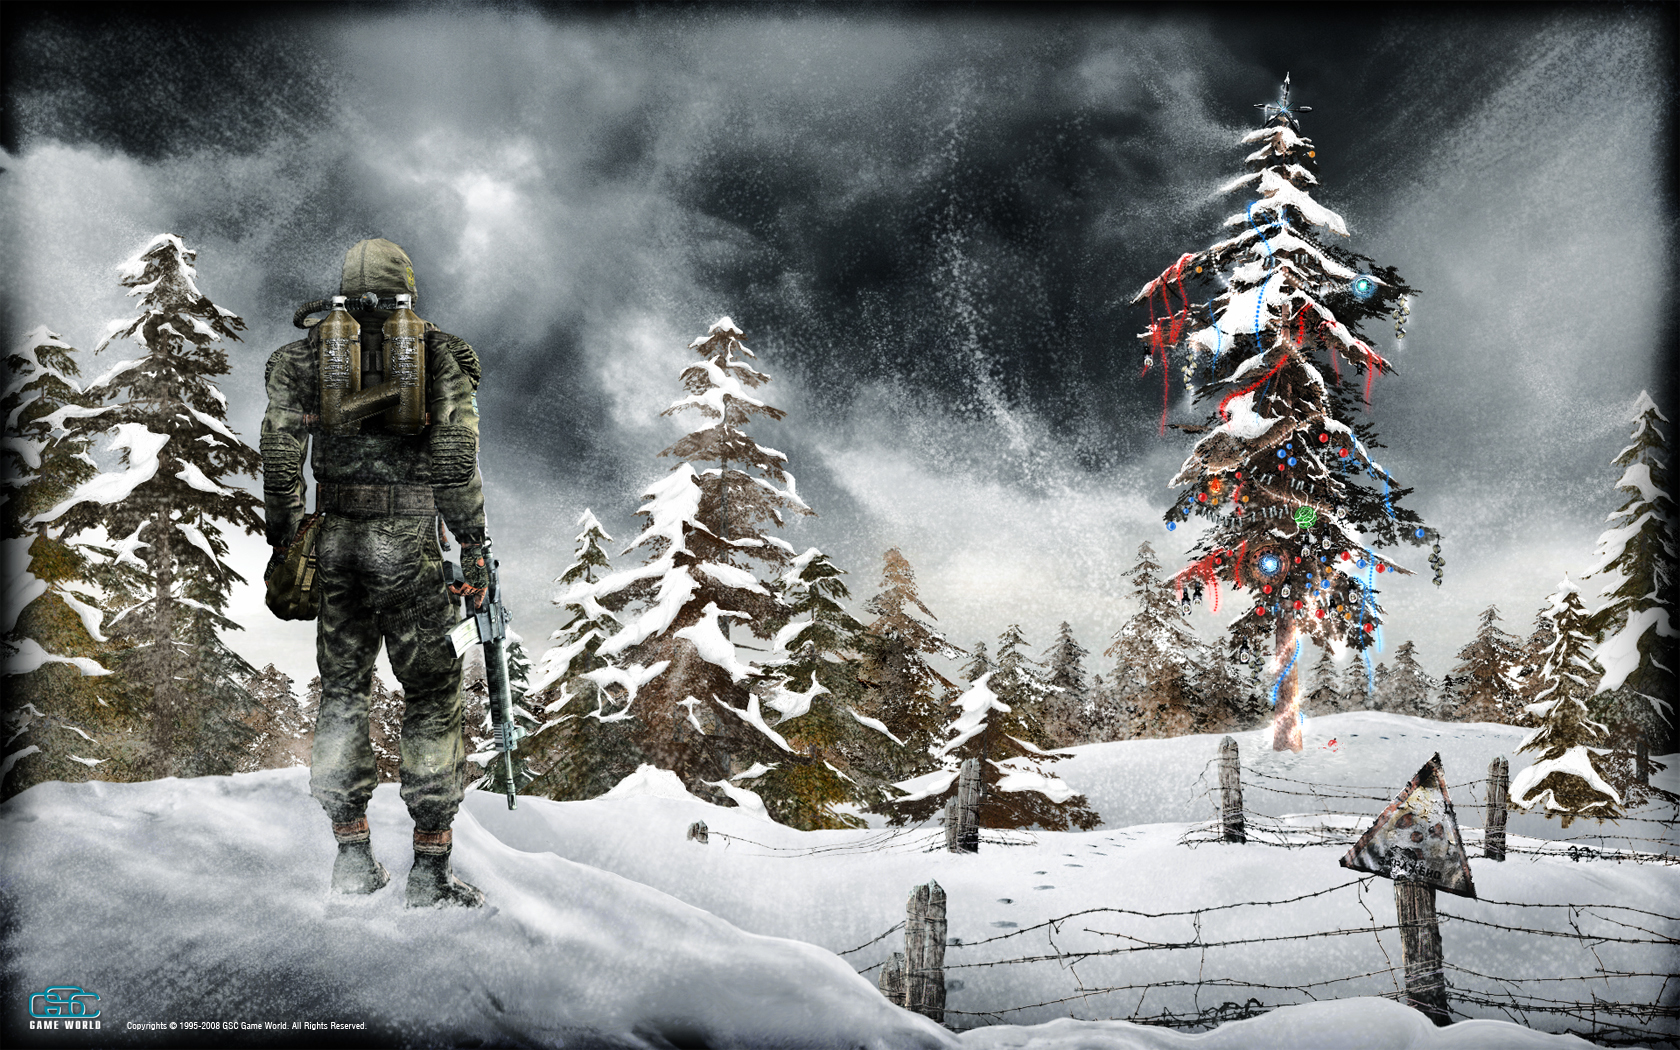 Скачать картинку Сталкер (S.t.a.l.k.e.r.), Игры, Зима, Снег в телефон бесплатно.